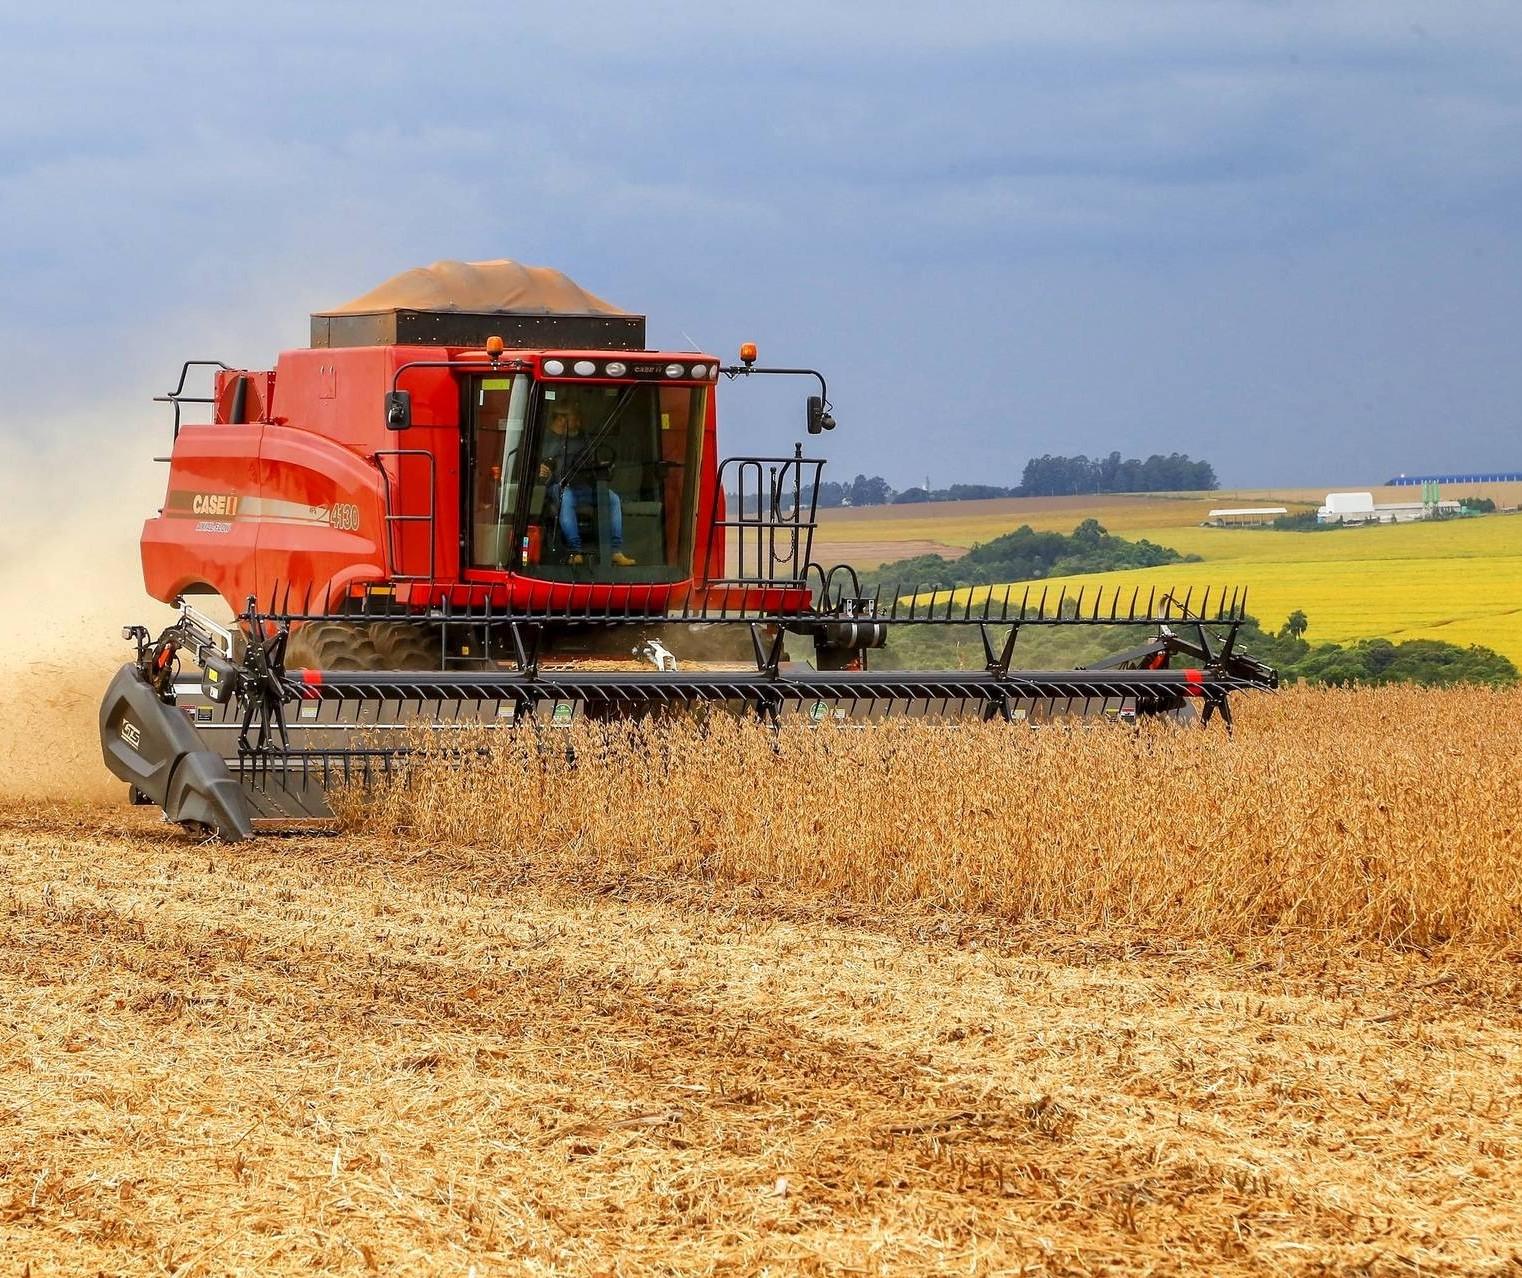 Comecialização da soja brasileira avançou pouco em junho, aponta pesquisa